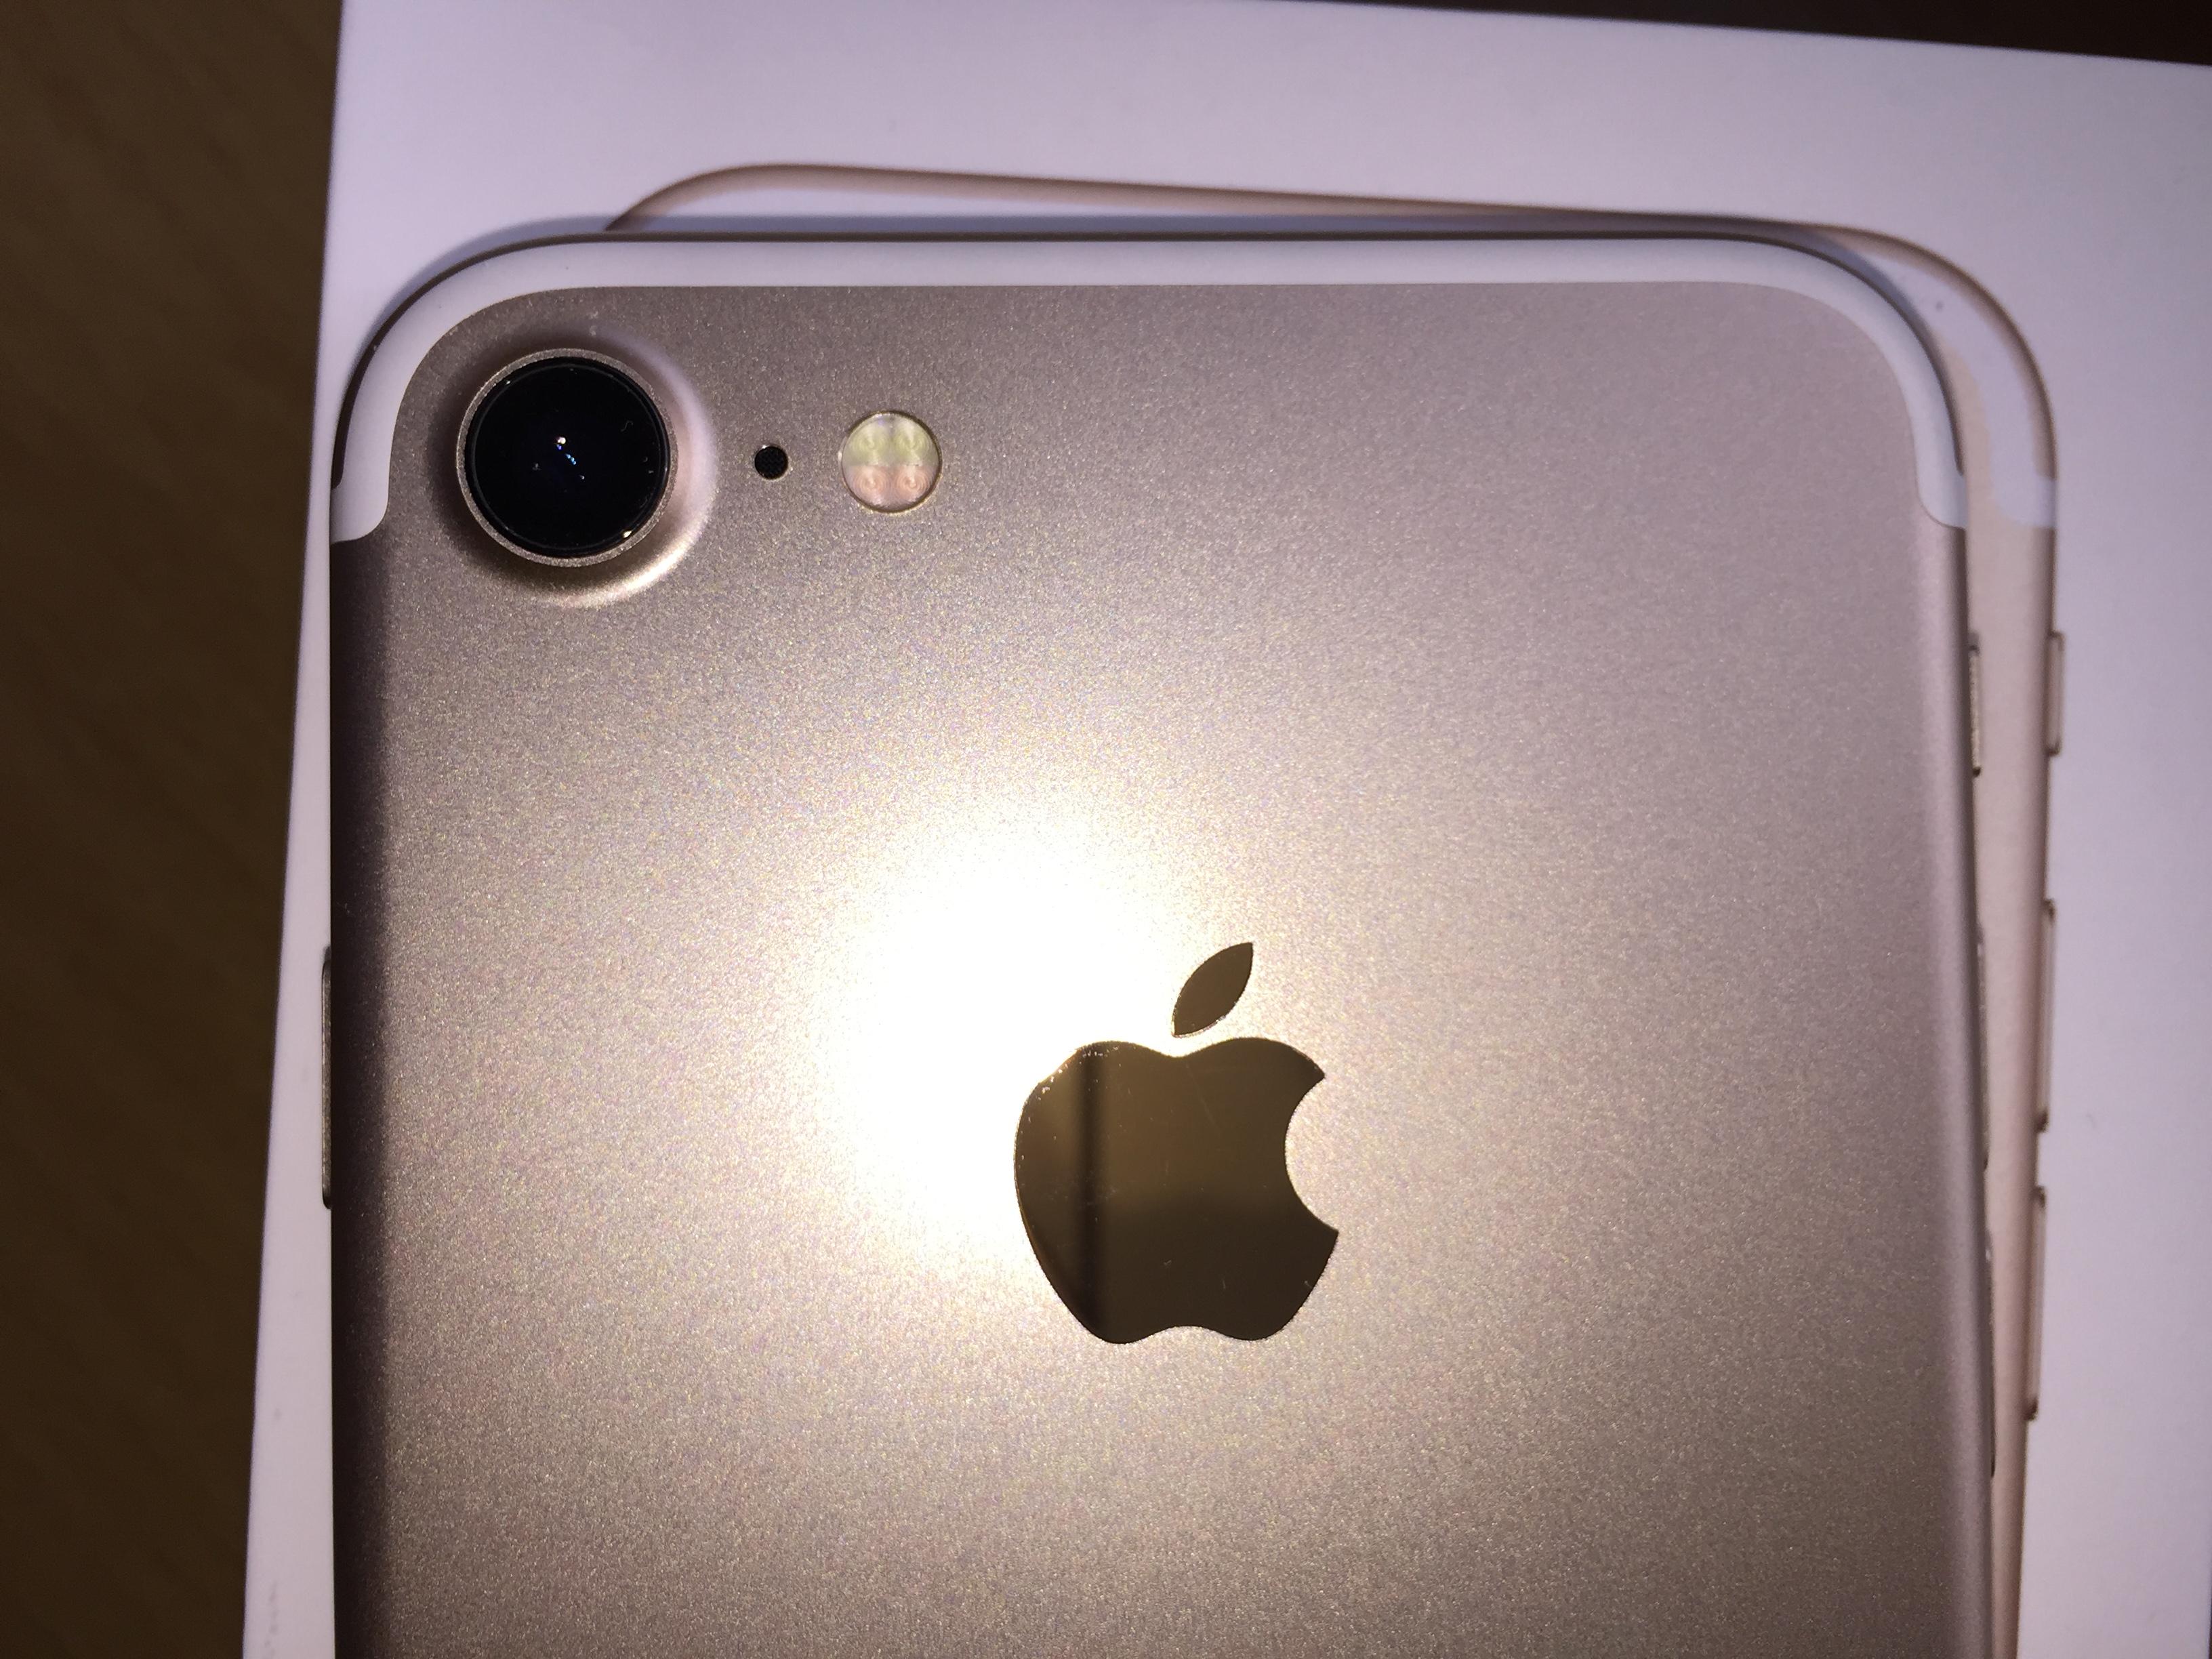 Recenze iPhone 7 NejlepÅ¡ telefon současnosti 4K videa